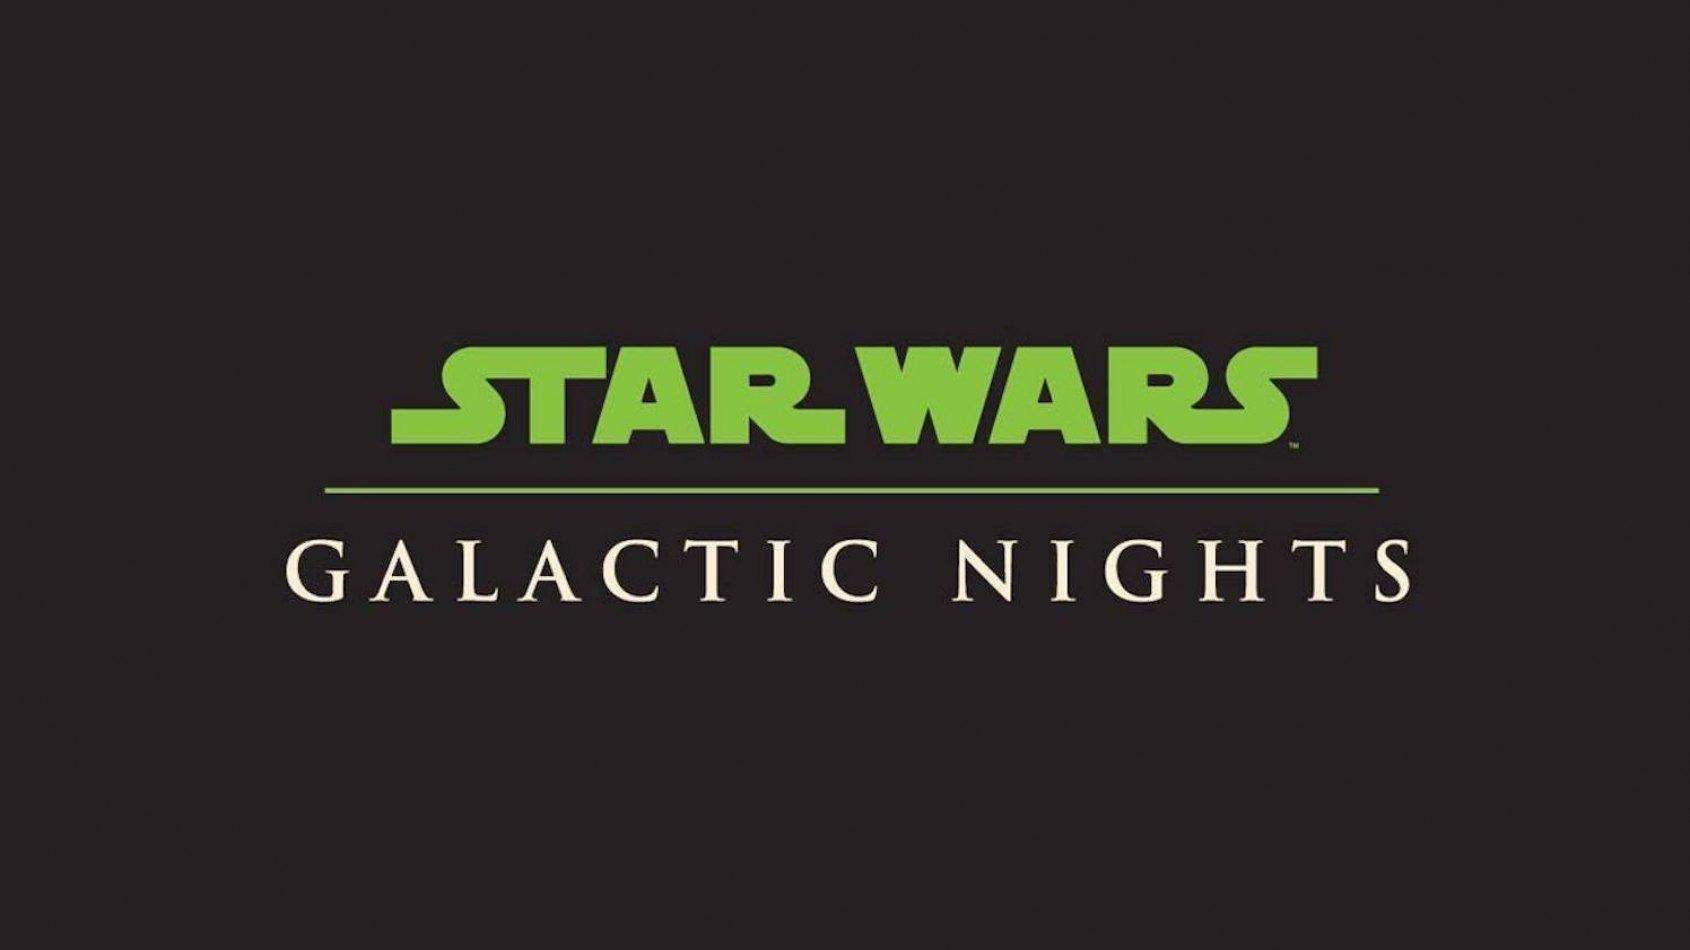 Une Galactic Nights Party à Disney World pour la Star Wars Celebration